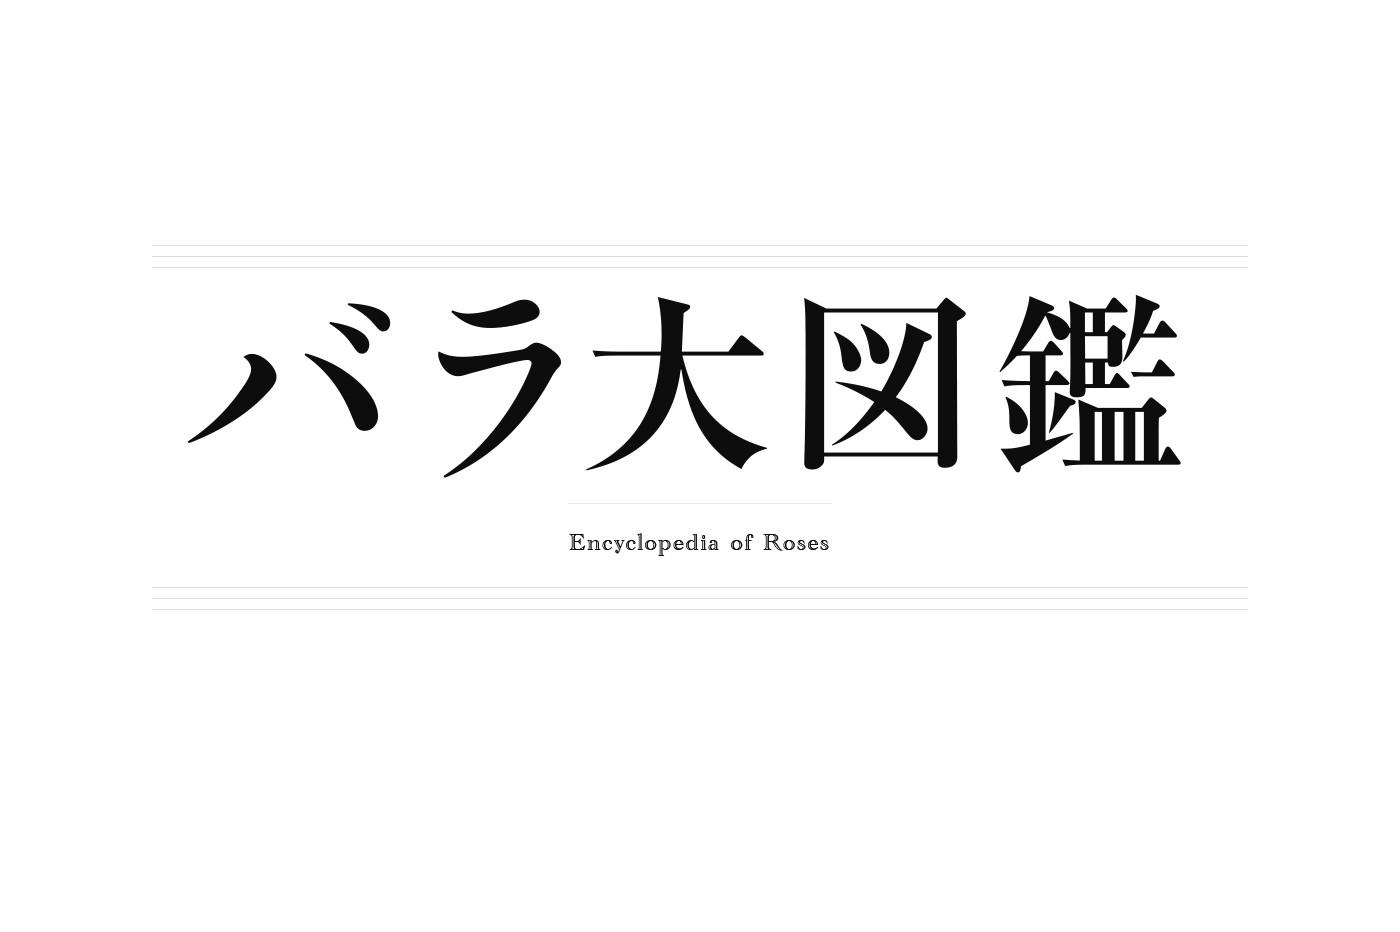 bara_logo